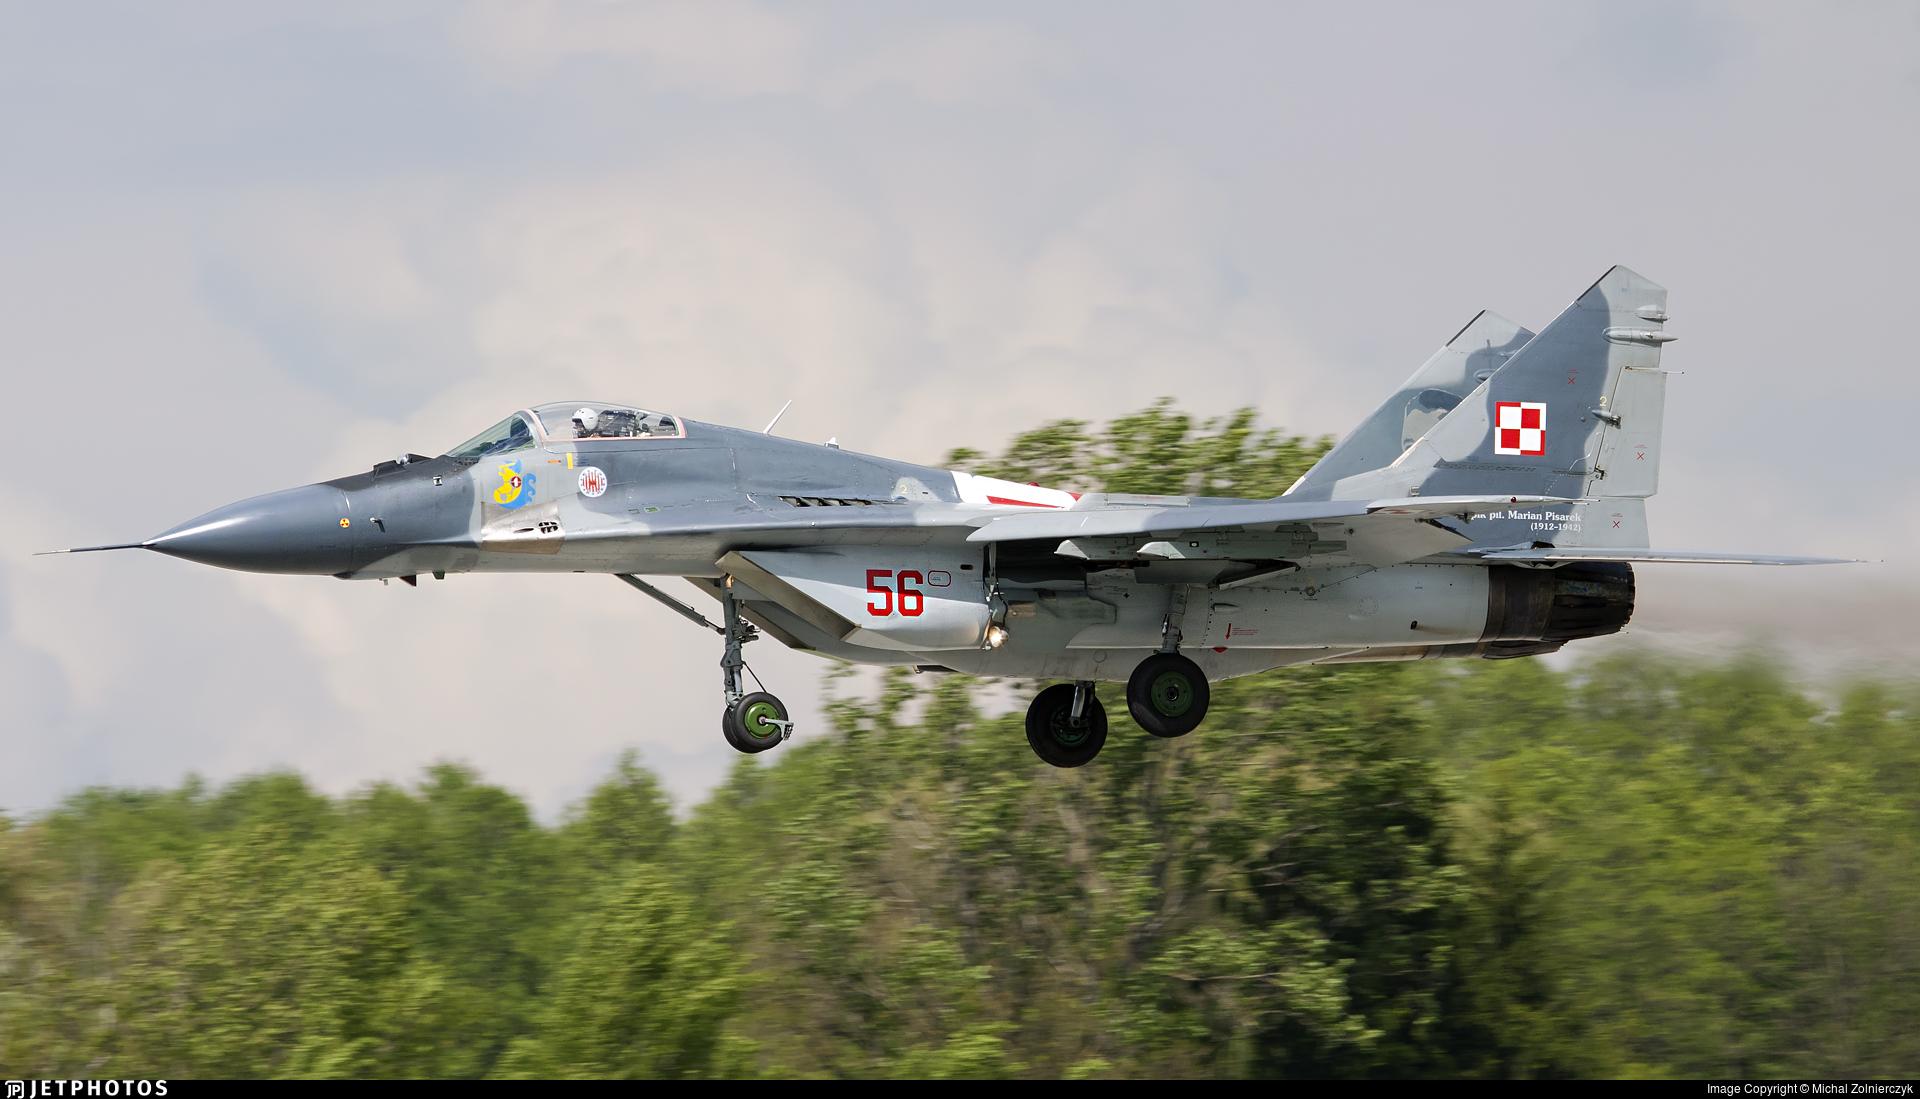 56 - Mikoyan-Gurevich MiG-29 Fulcrum - Poland - Air Force